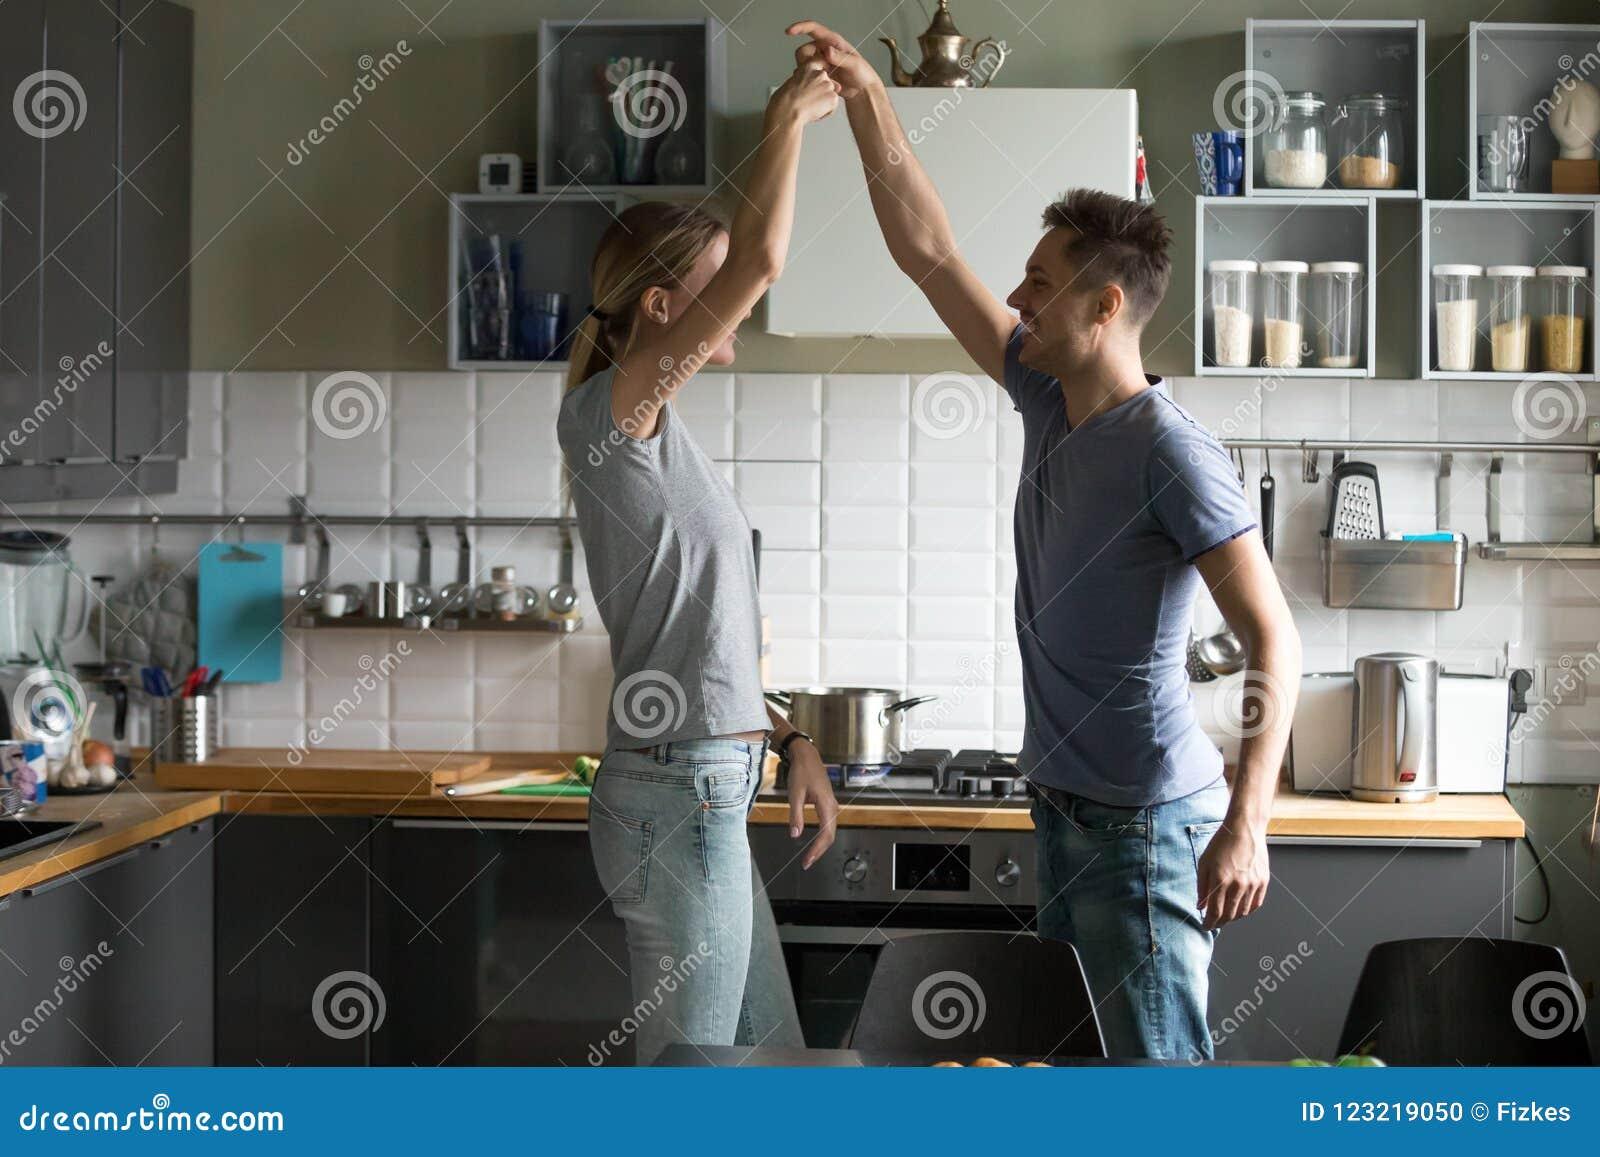 Danse romantique heureuse de couples dans la cuisine tout en faisant cuire le toget